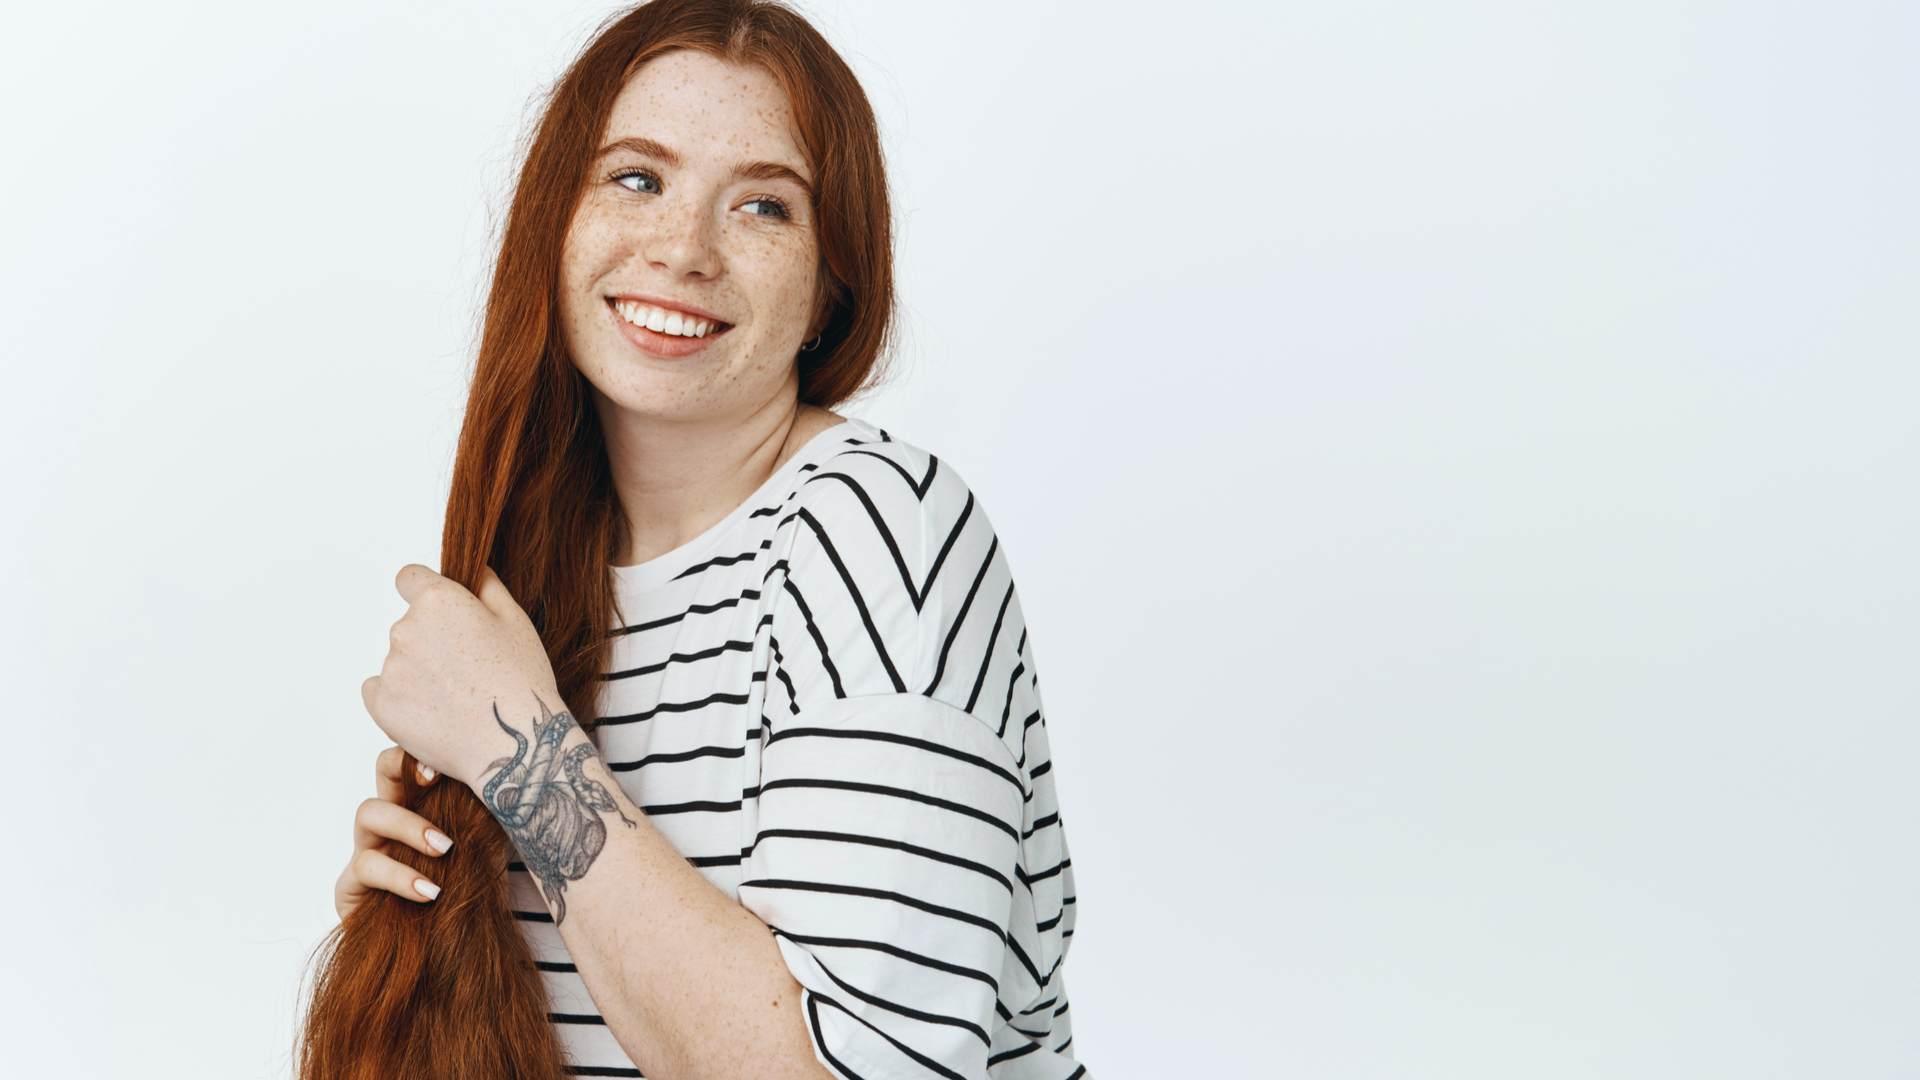 Mulher ruiva de cabelos longos passando a mão nos fios